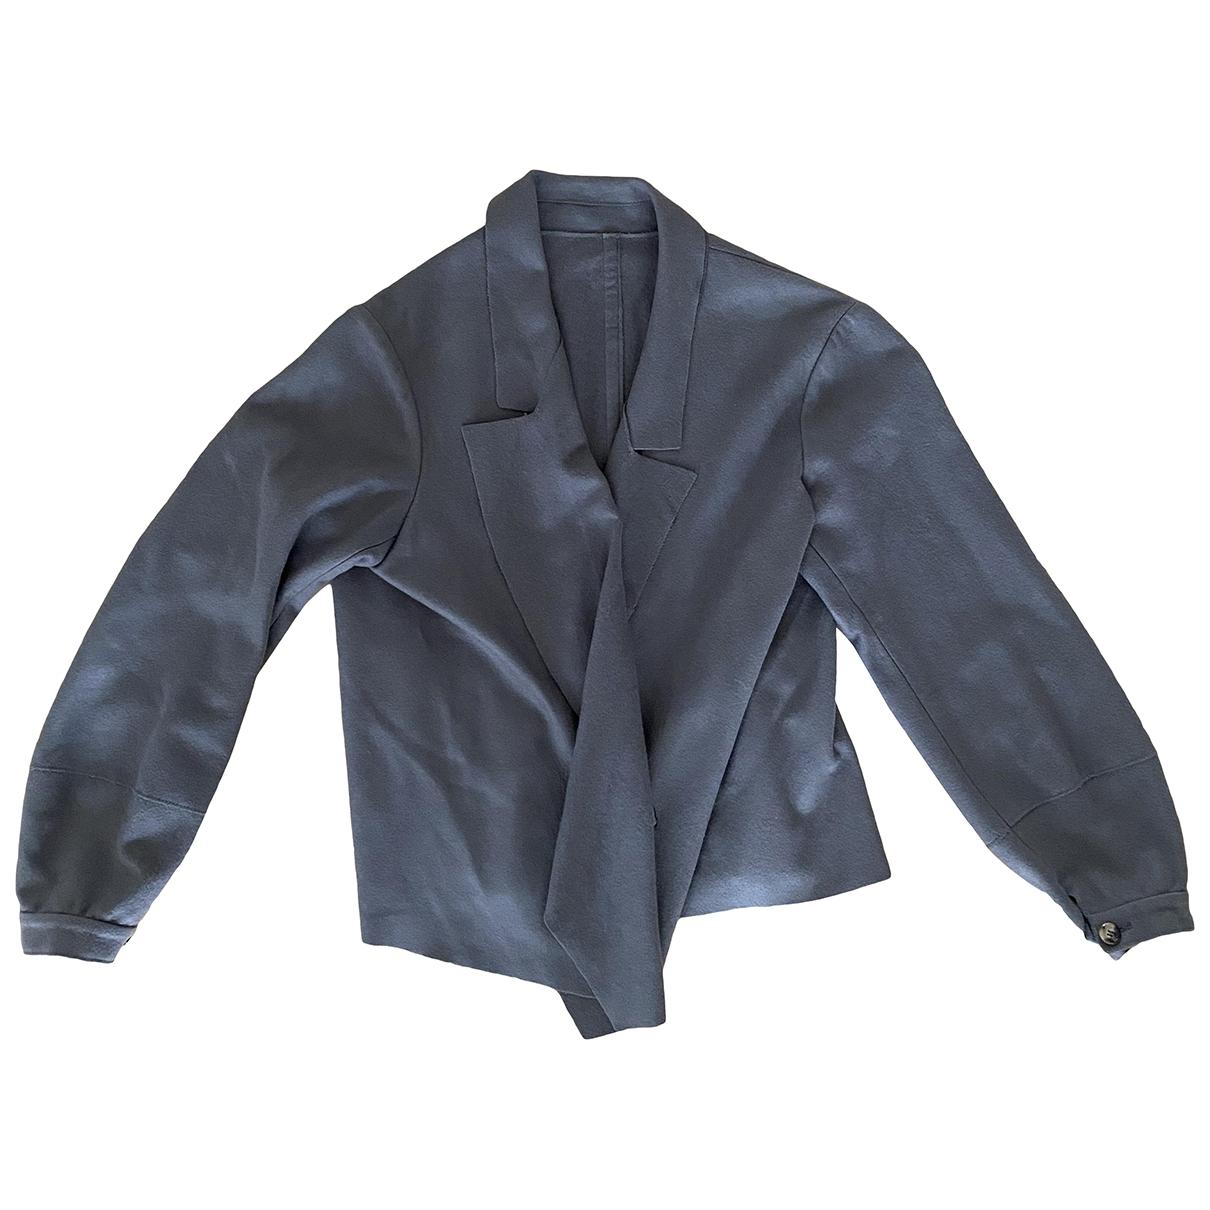 Yves Saint Laurent - Veste   pour femme en cachemire - gris